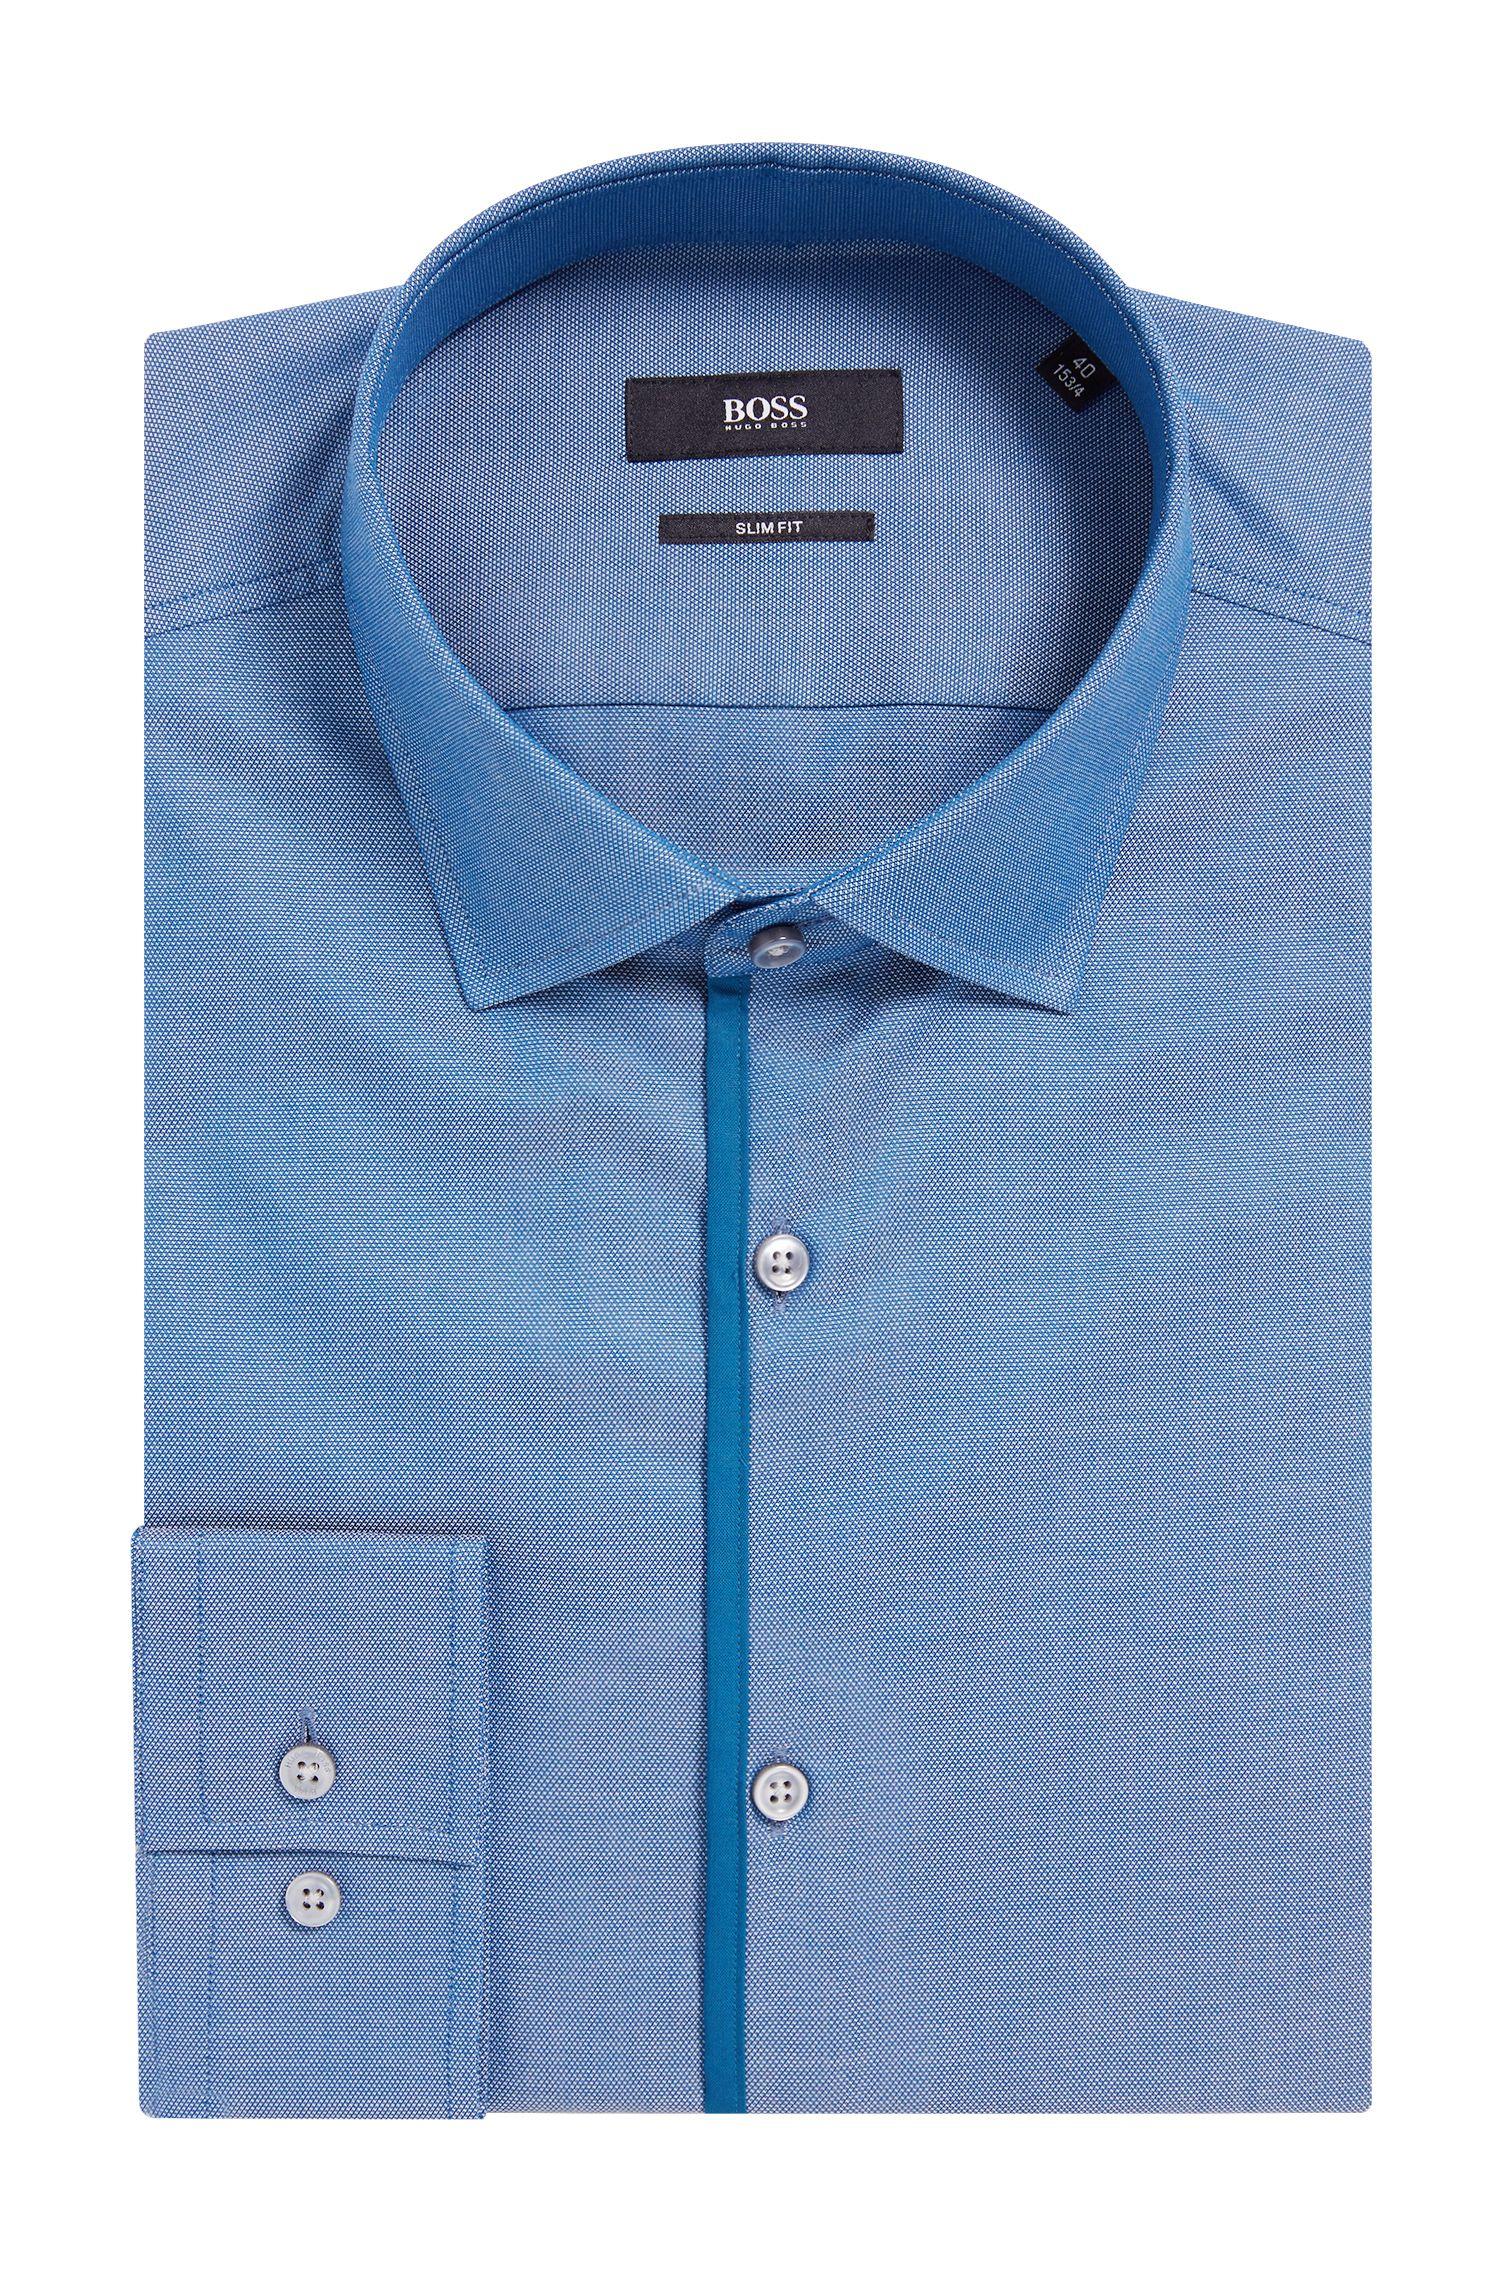 'Jeldrik'   Slim Fit, Royal Oxford Cotton Dress Shirt